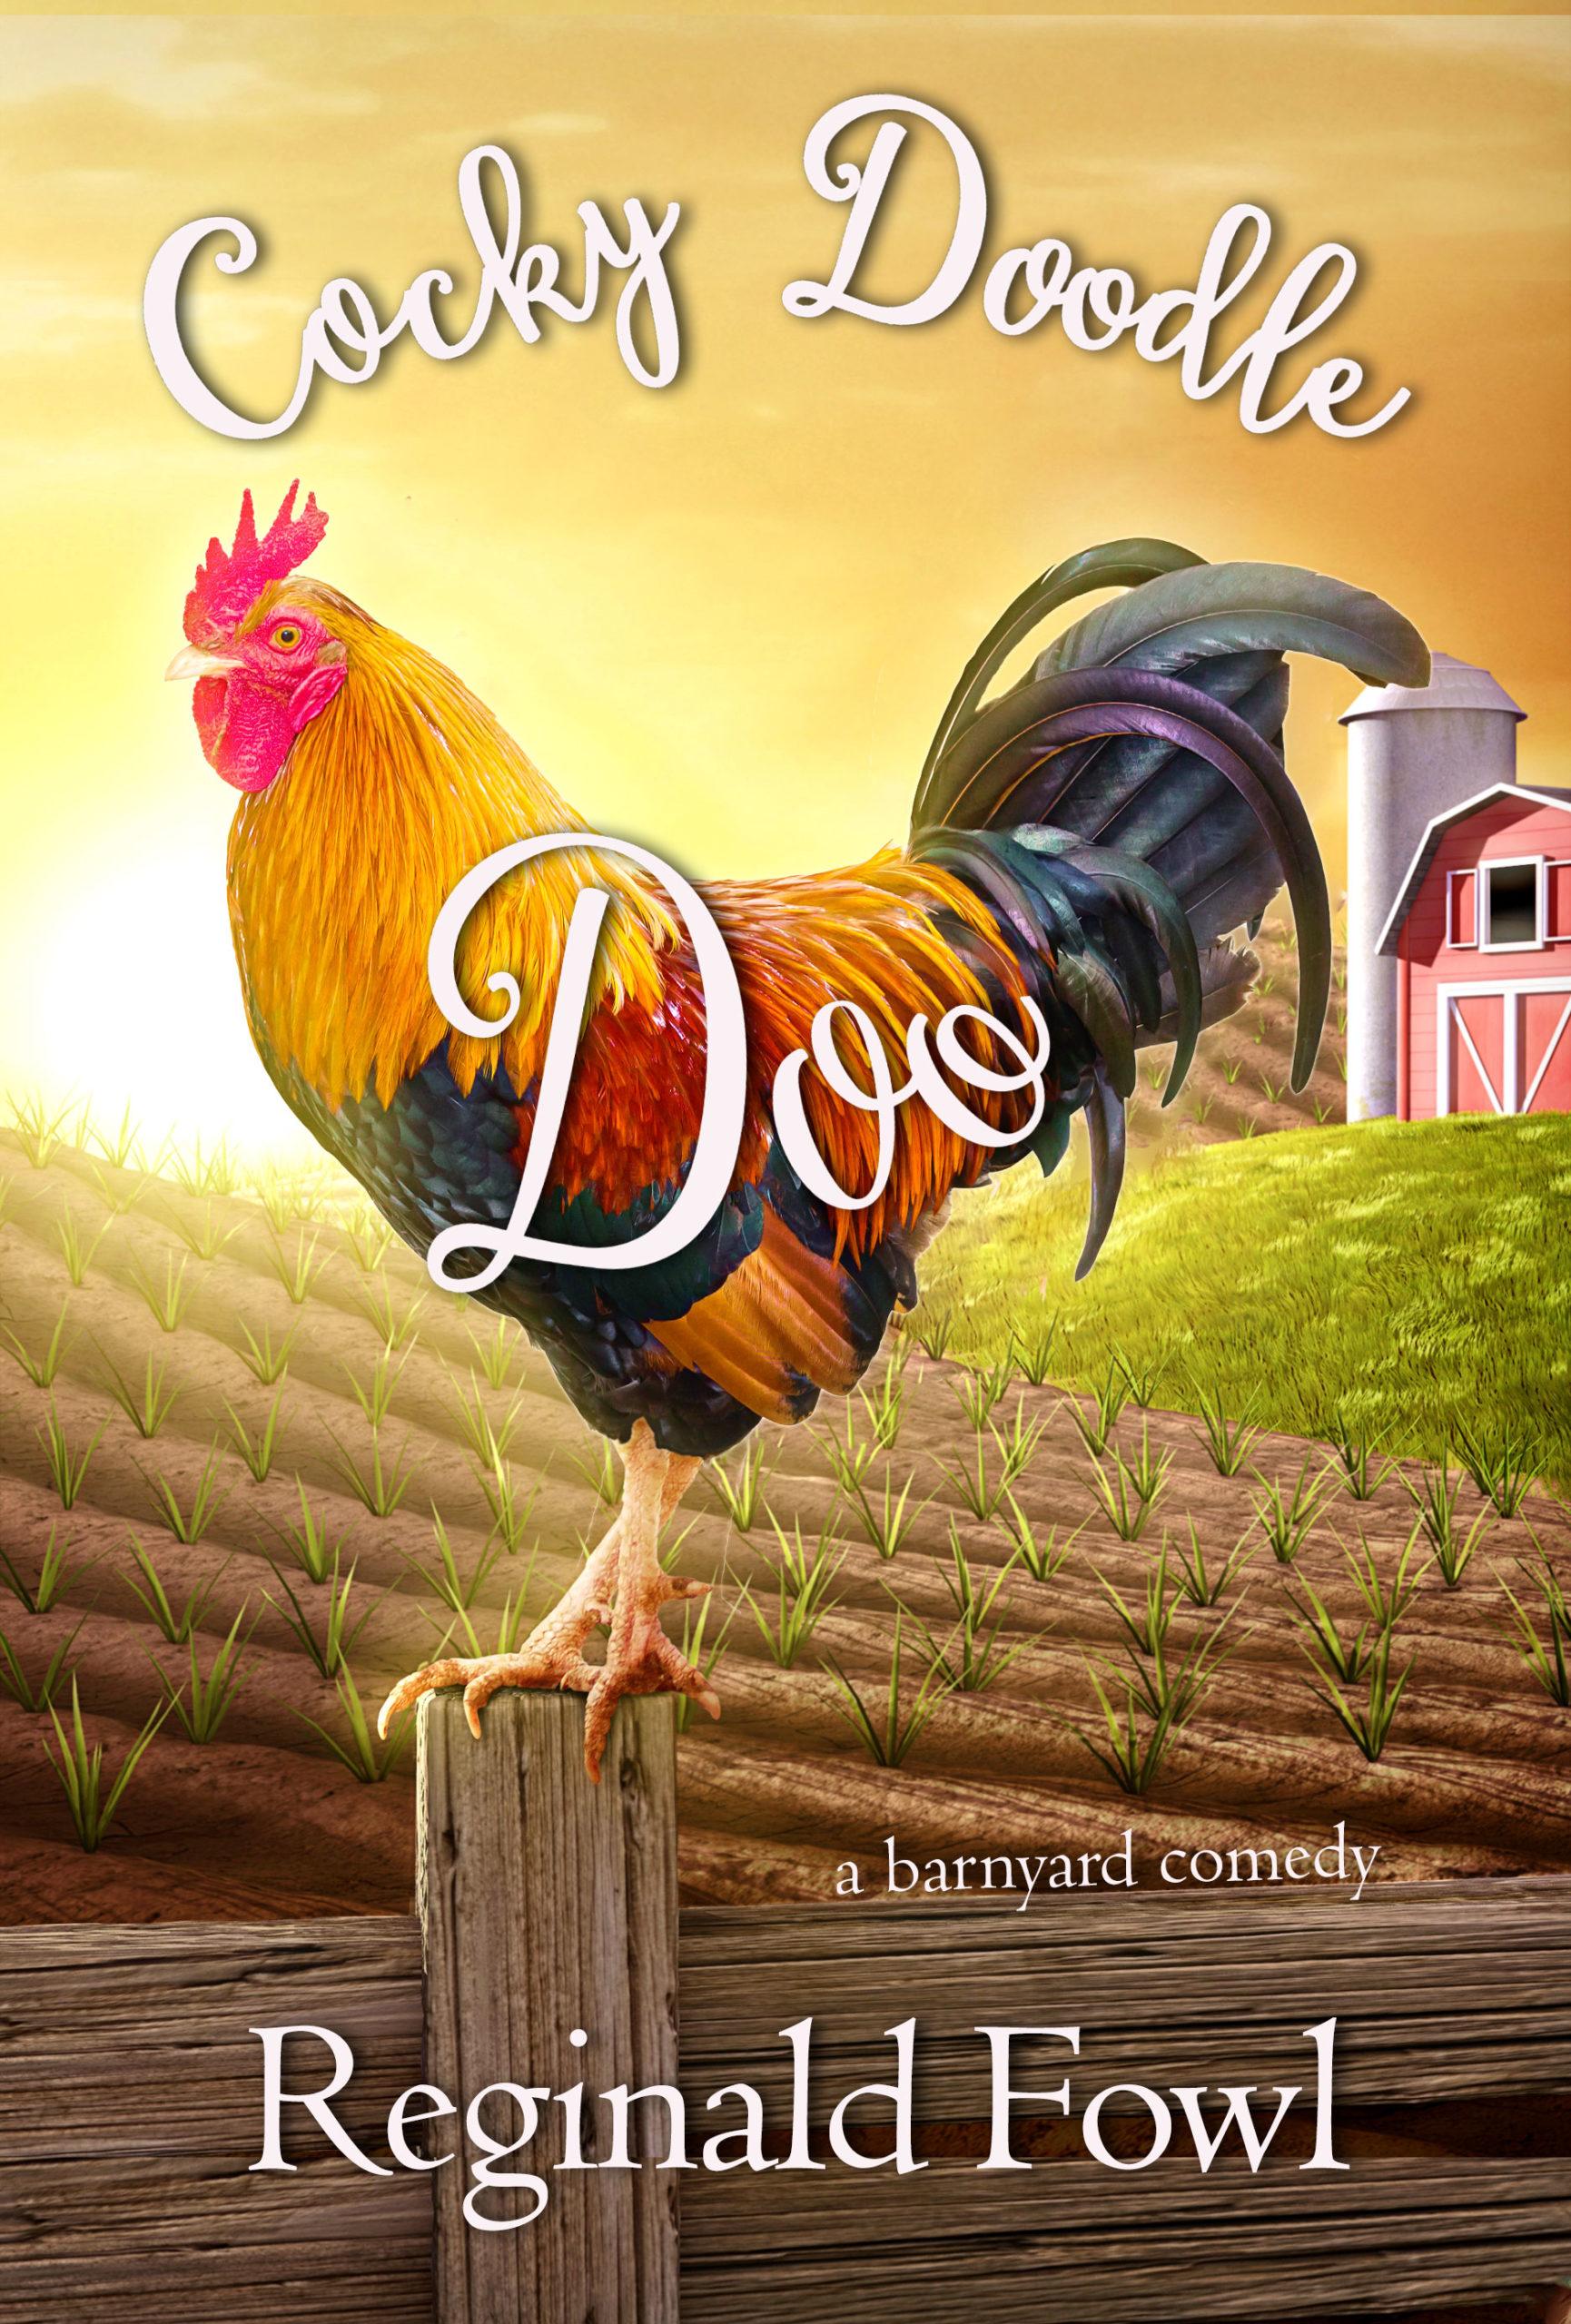 Cocky Doodle Doo